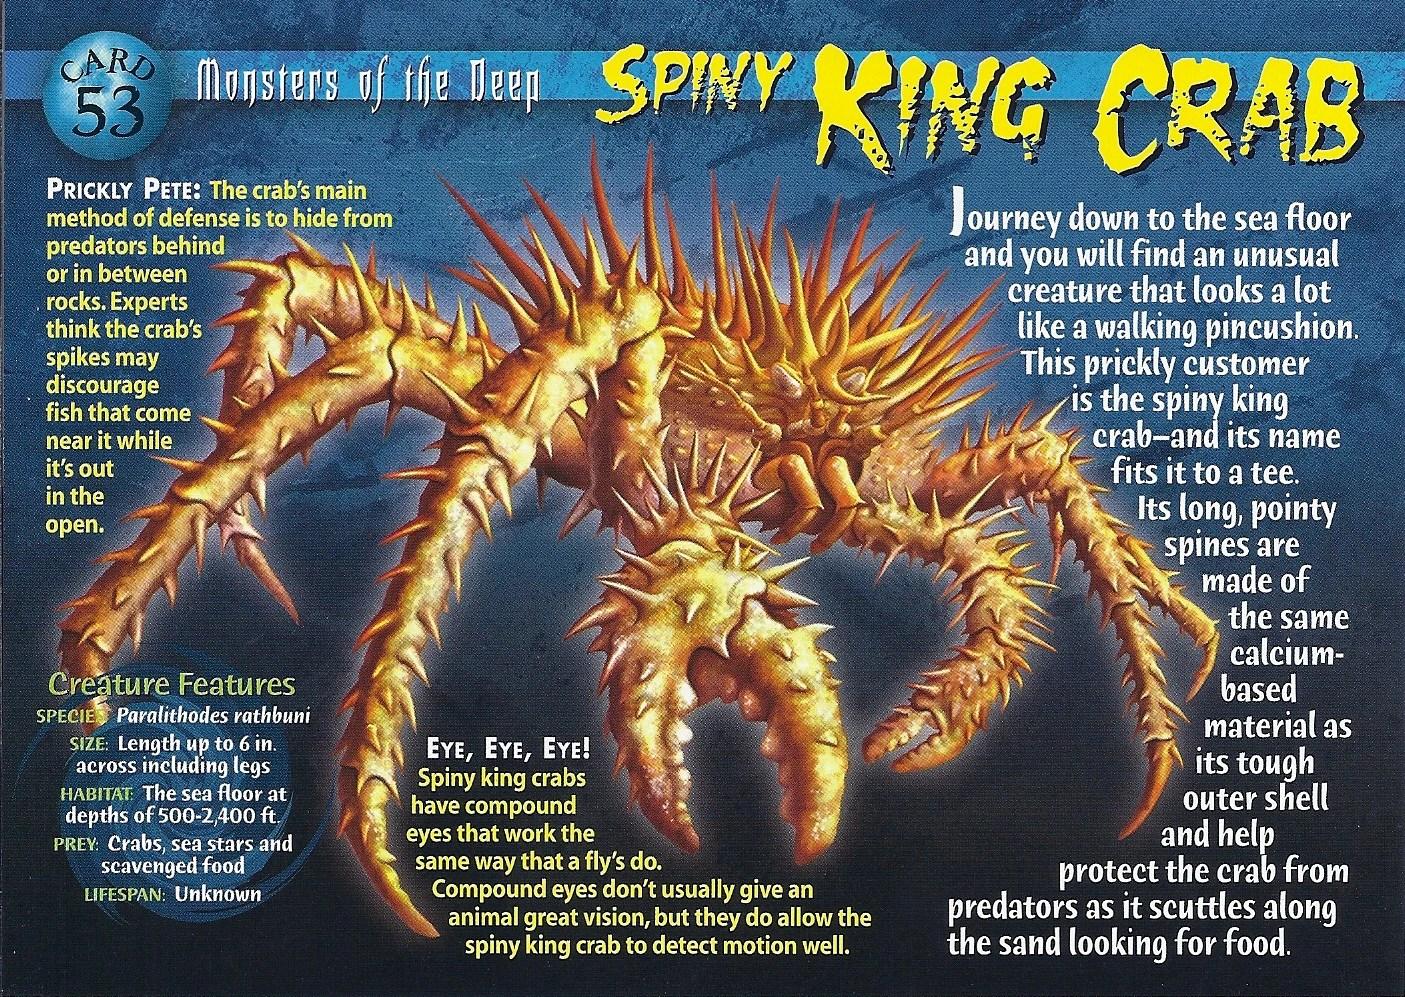 Spiny King Crab Wierd Nwild Creatures Wiki FANDOM